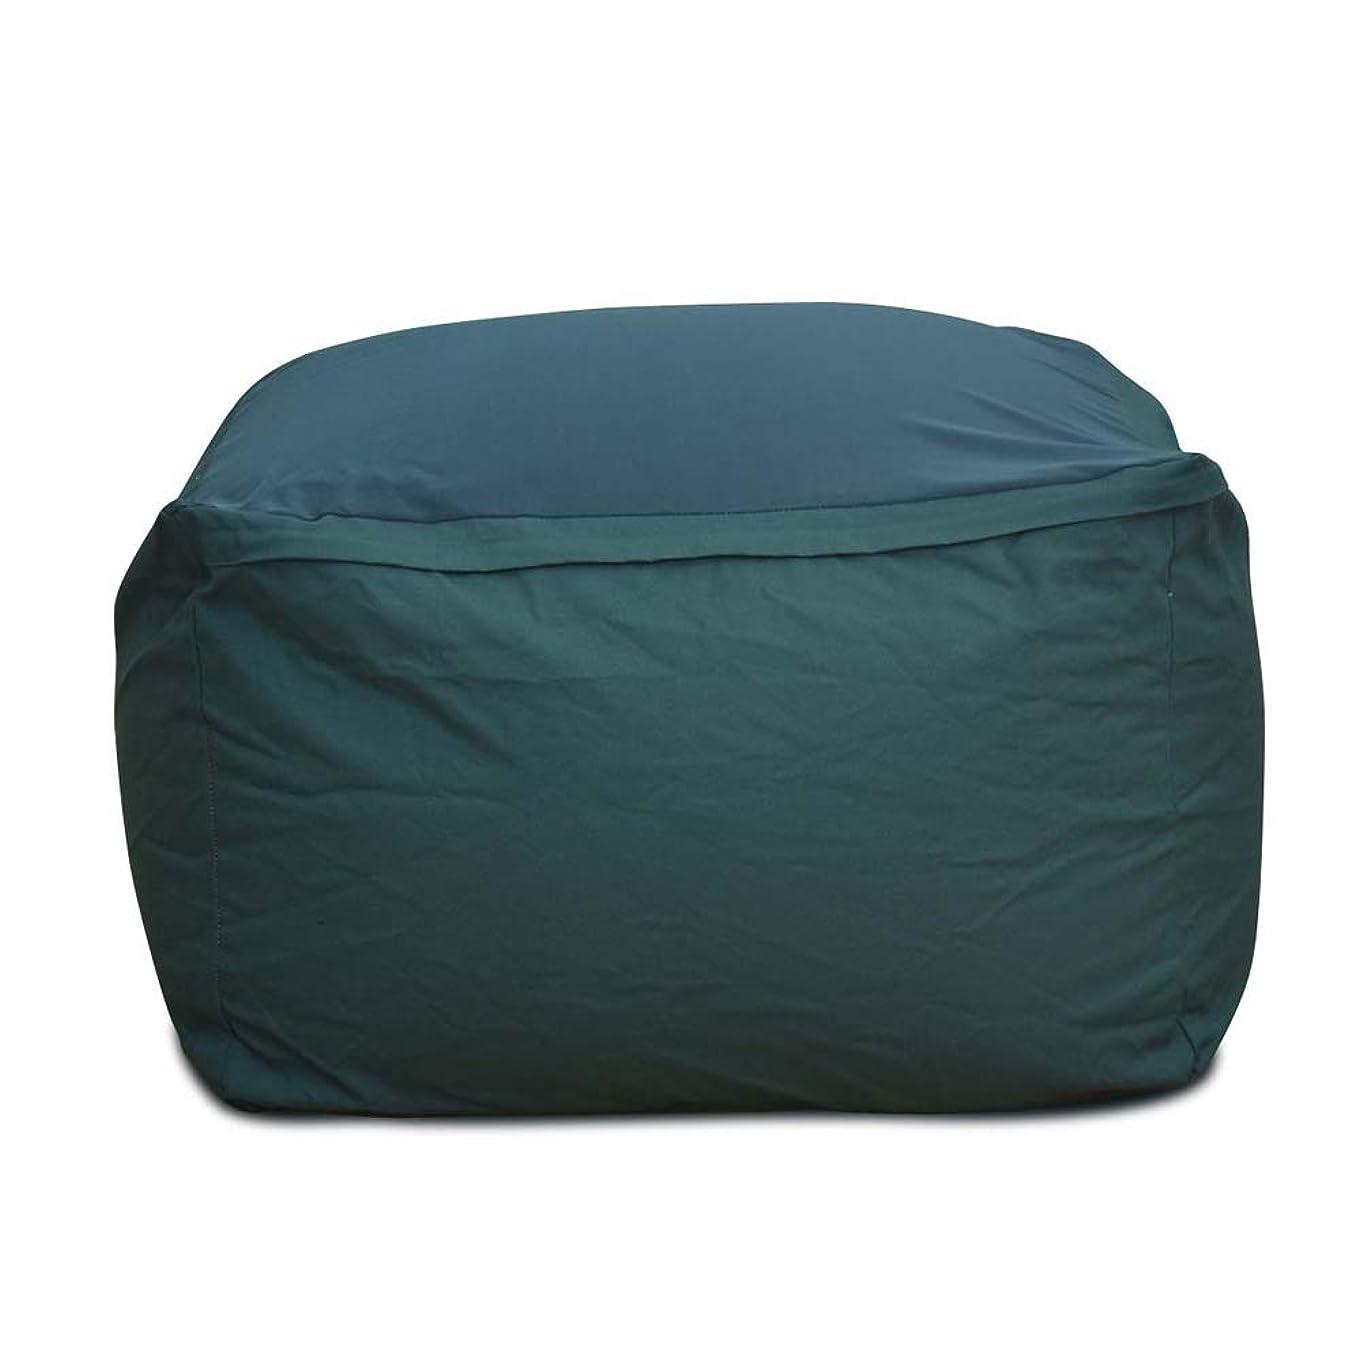 キャップボルト日没ビーズクッション 座布団 人をダメにするソファ もちもち 低反発 クッション 8色